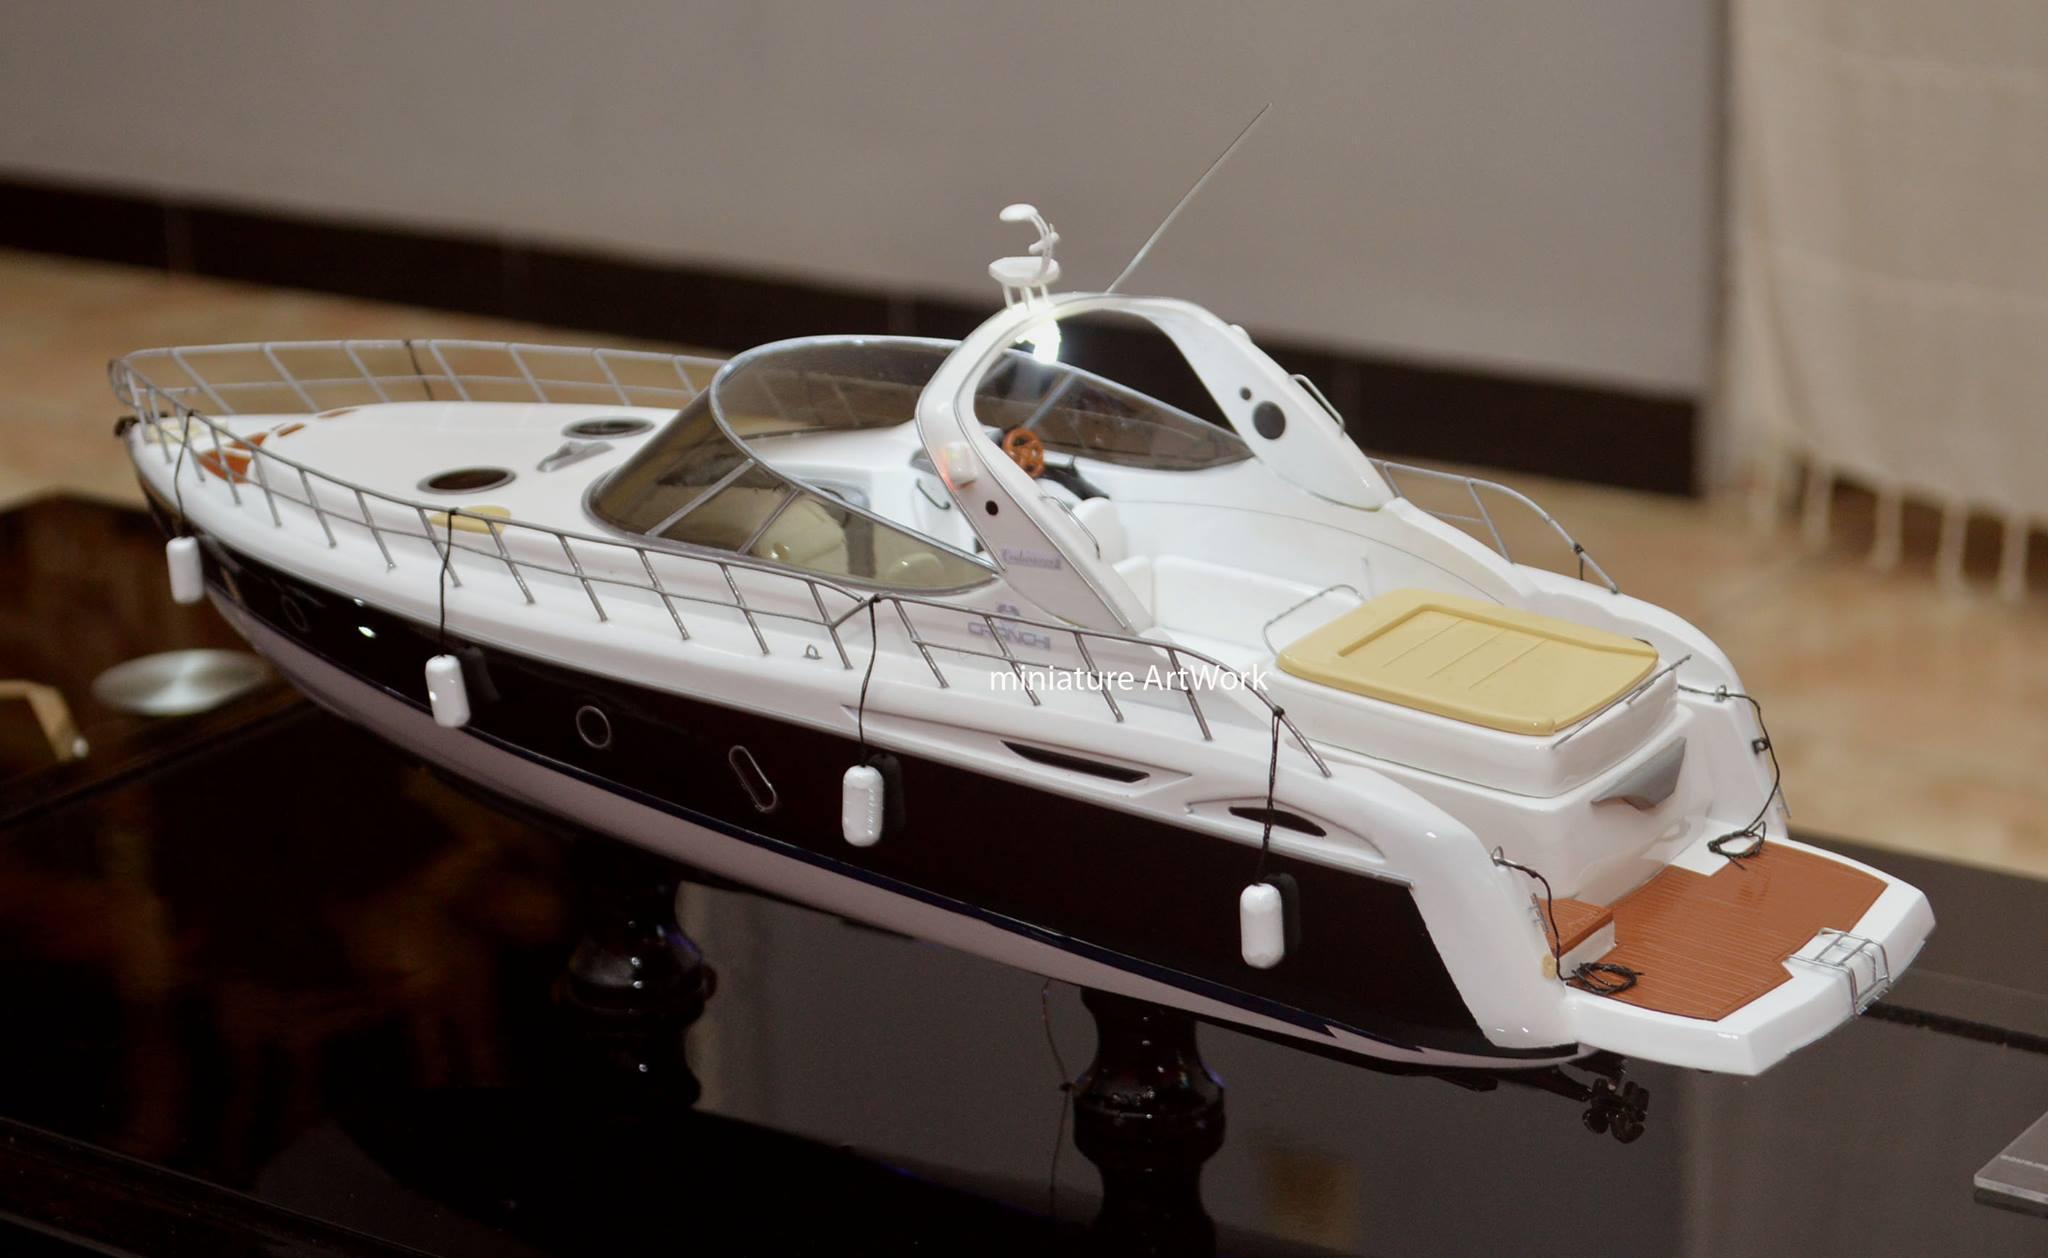 desain sketsa miniatur kapal yacht cranchi 41 endurance rumpun artwork temanggung planet kapal indonesia terbaik